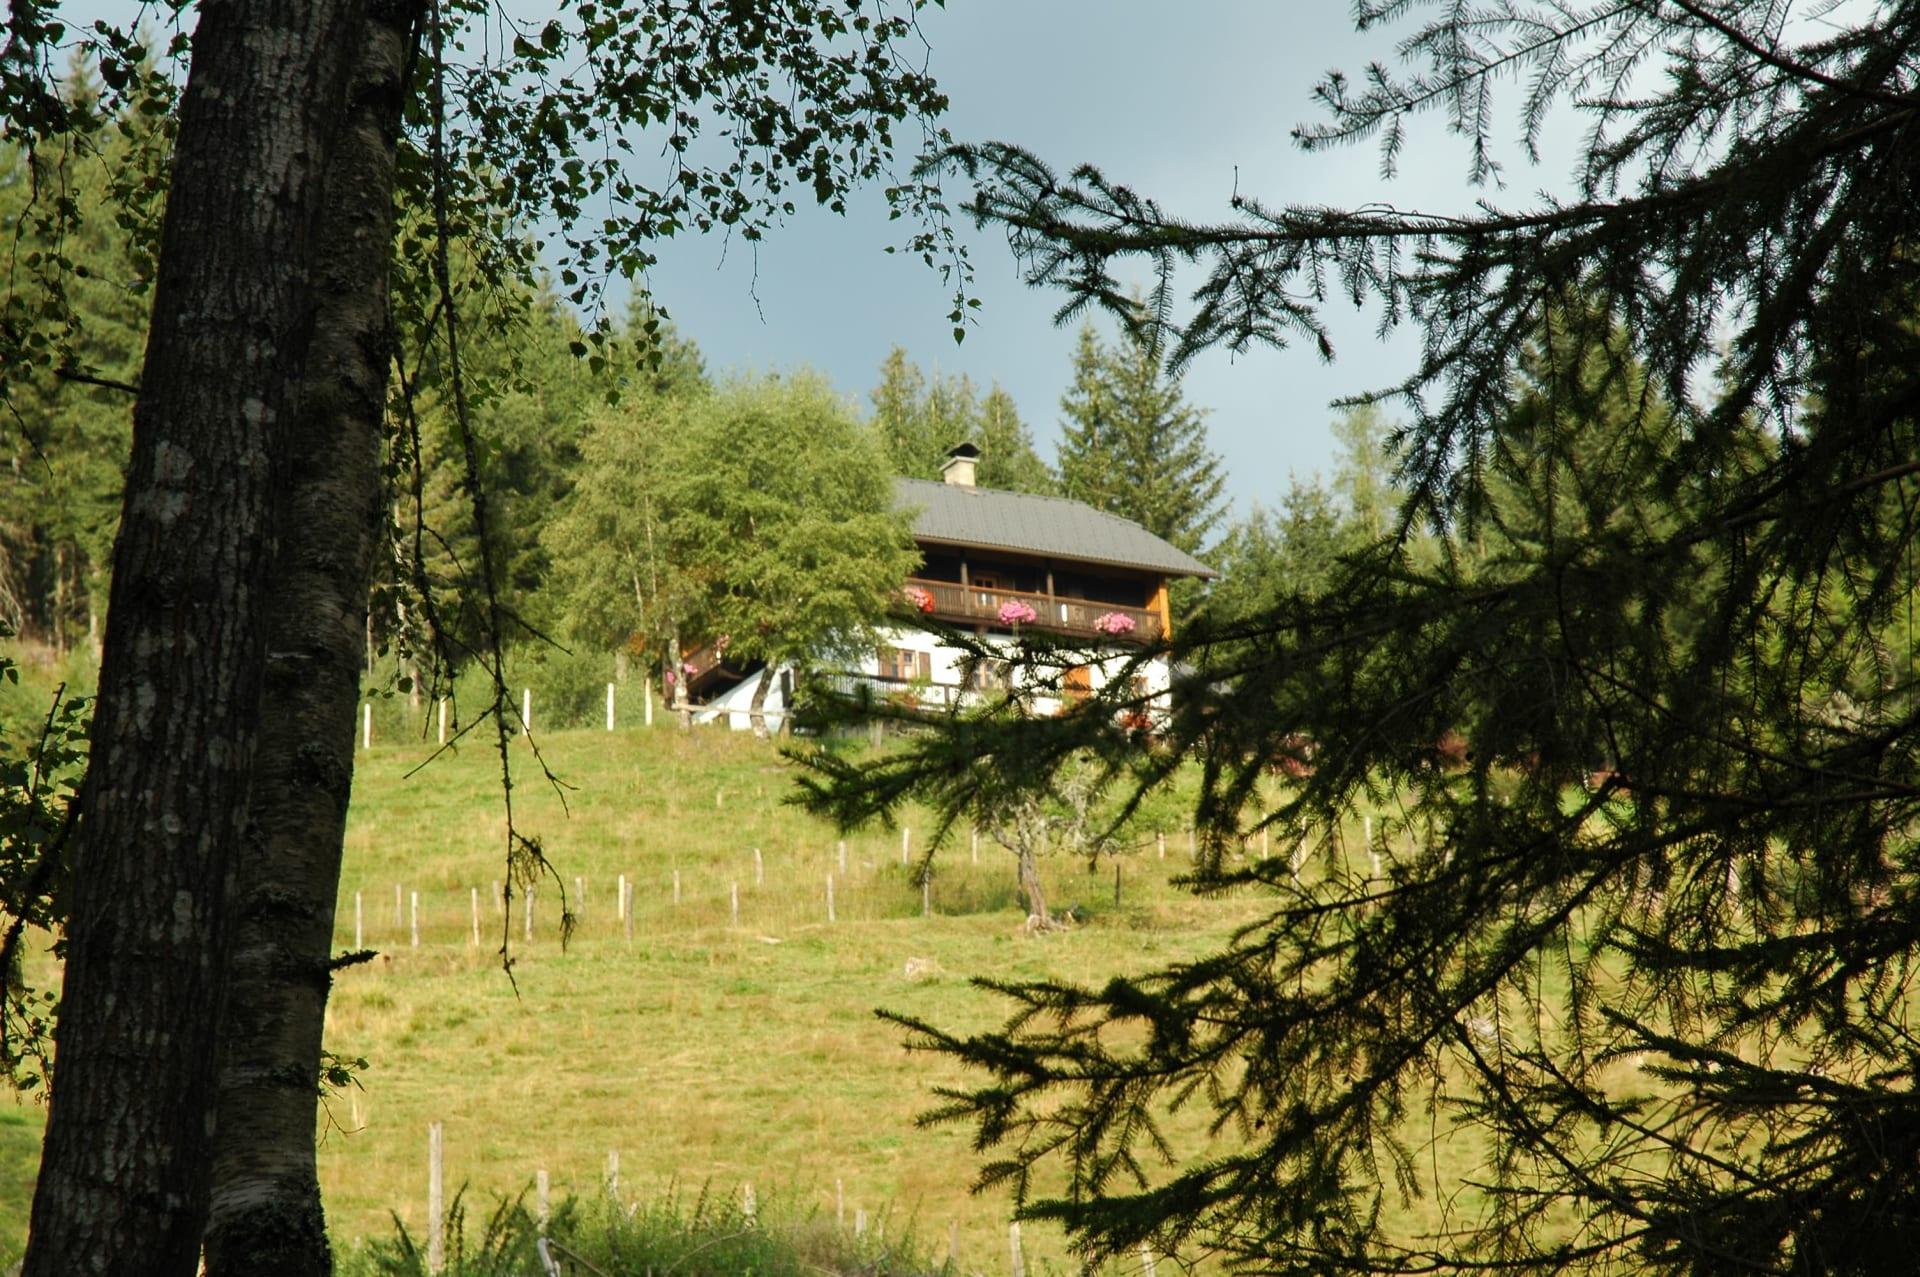 Strohmaier Hütte